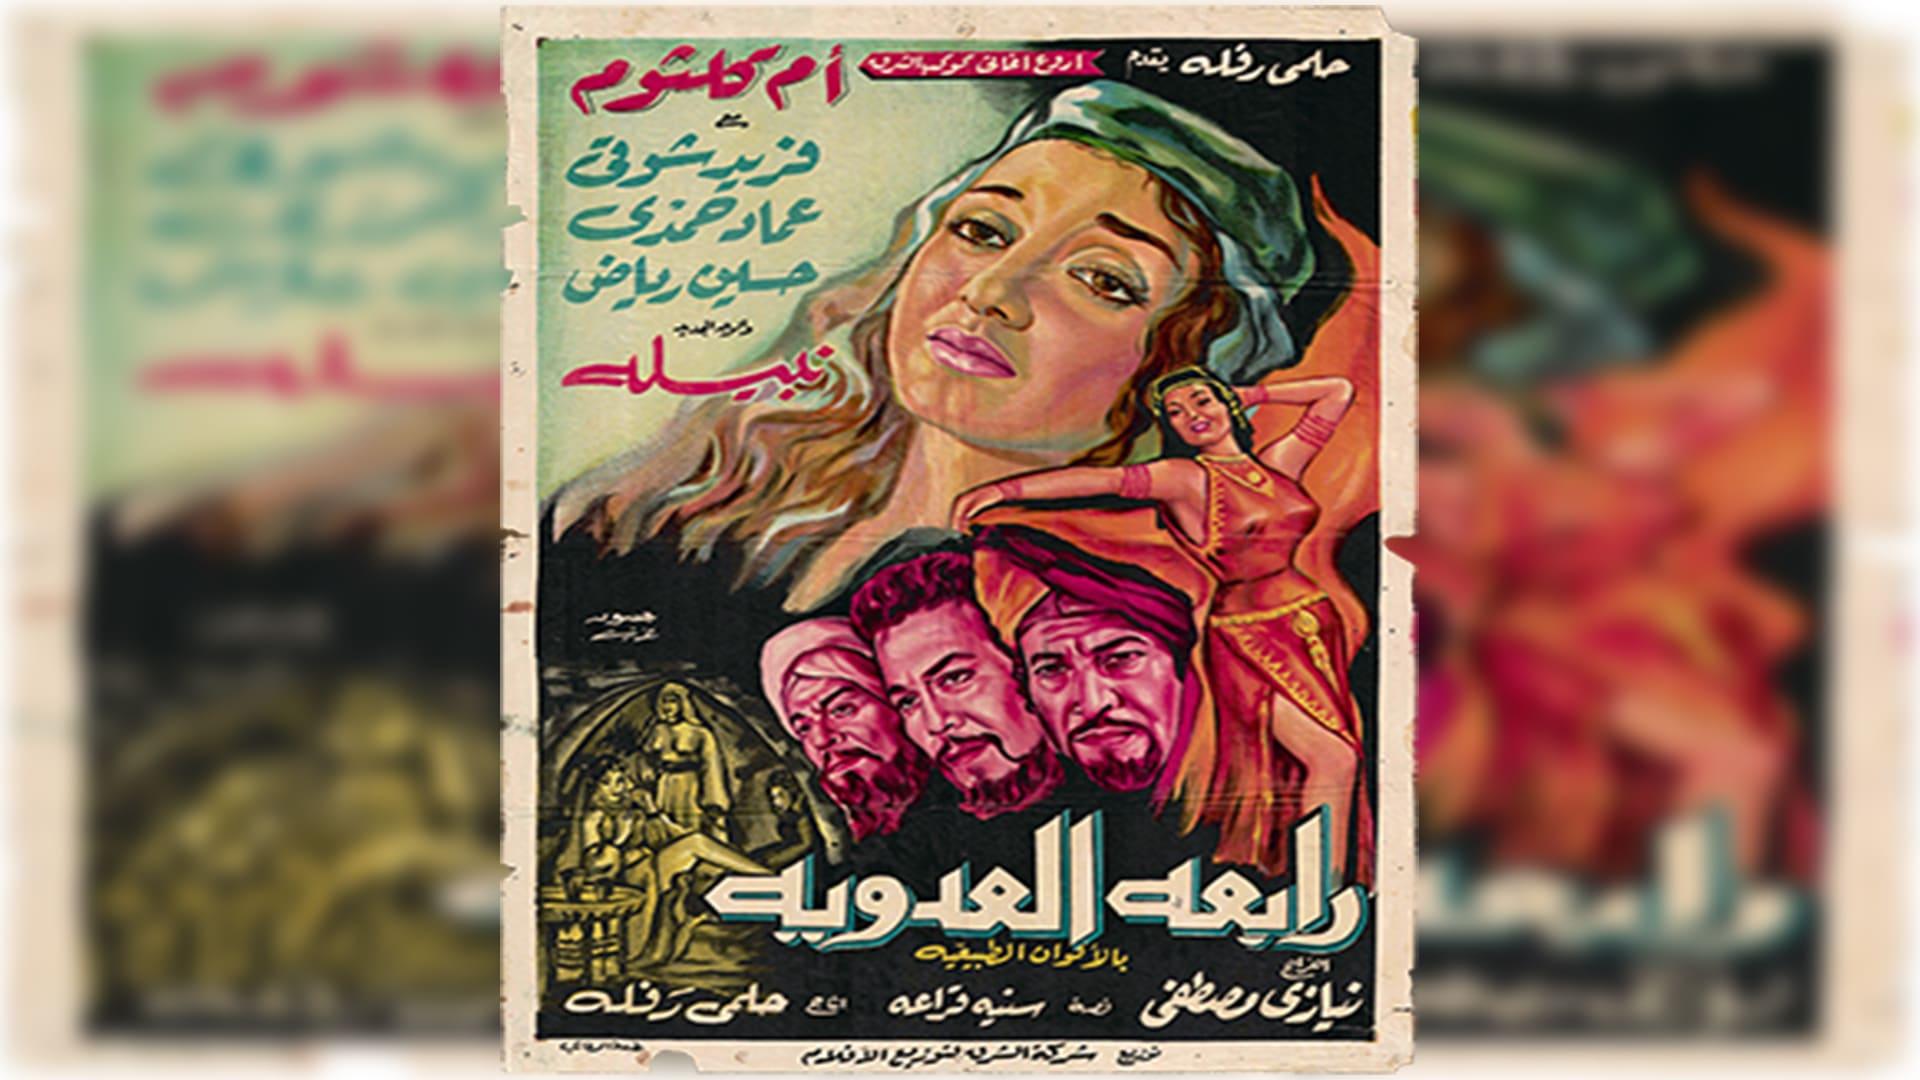 ملصقات الأفلام المصرية القديمة